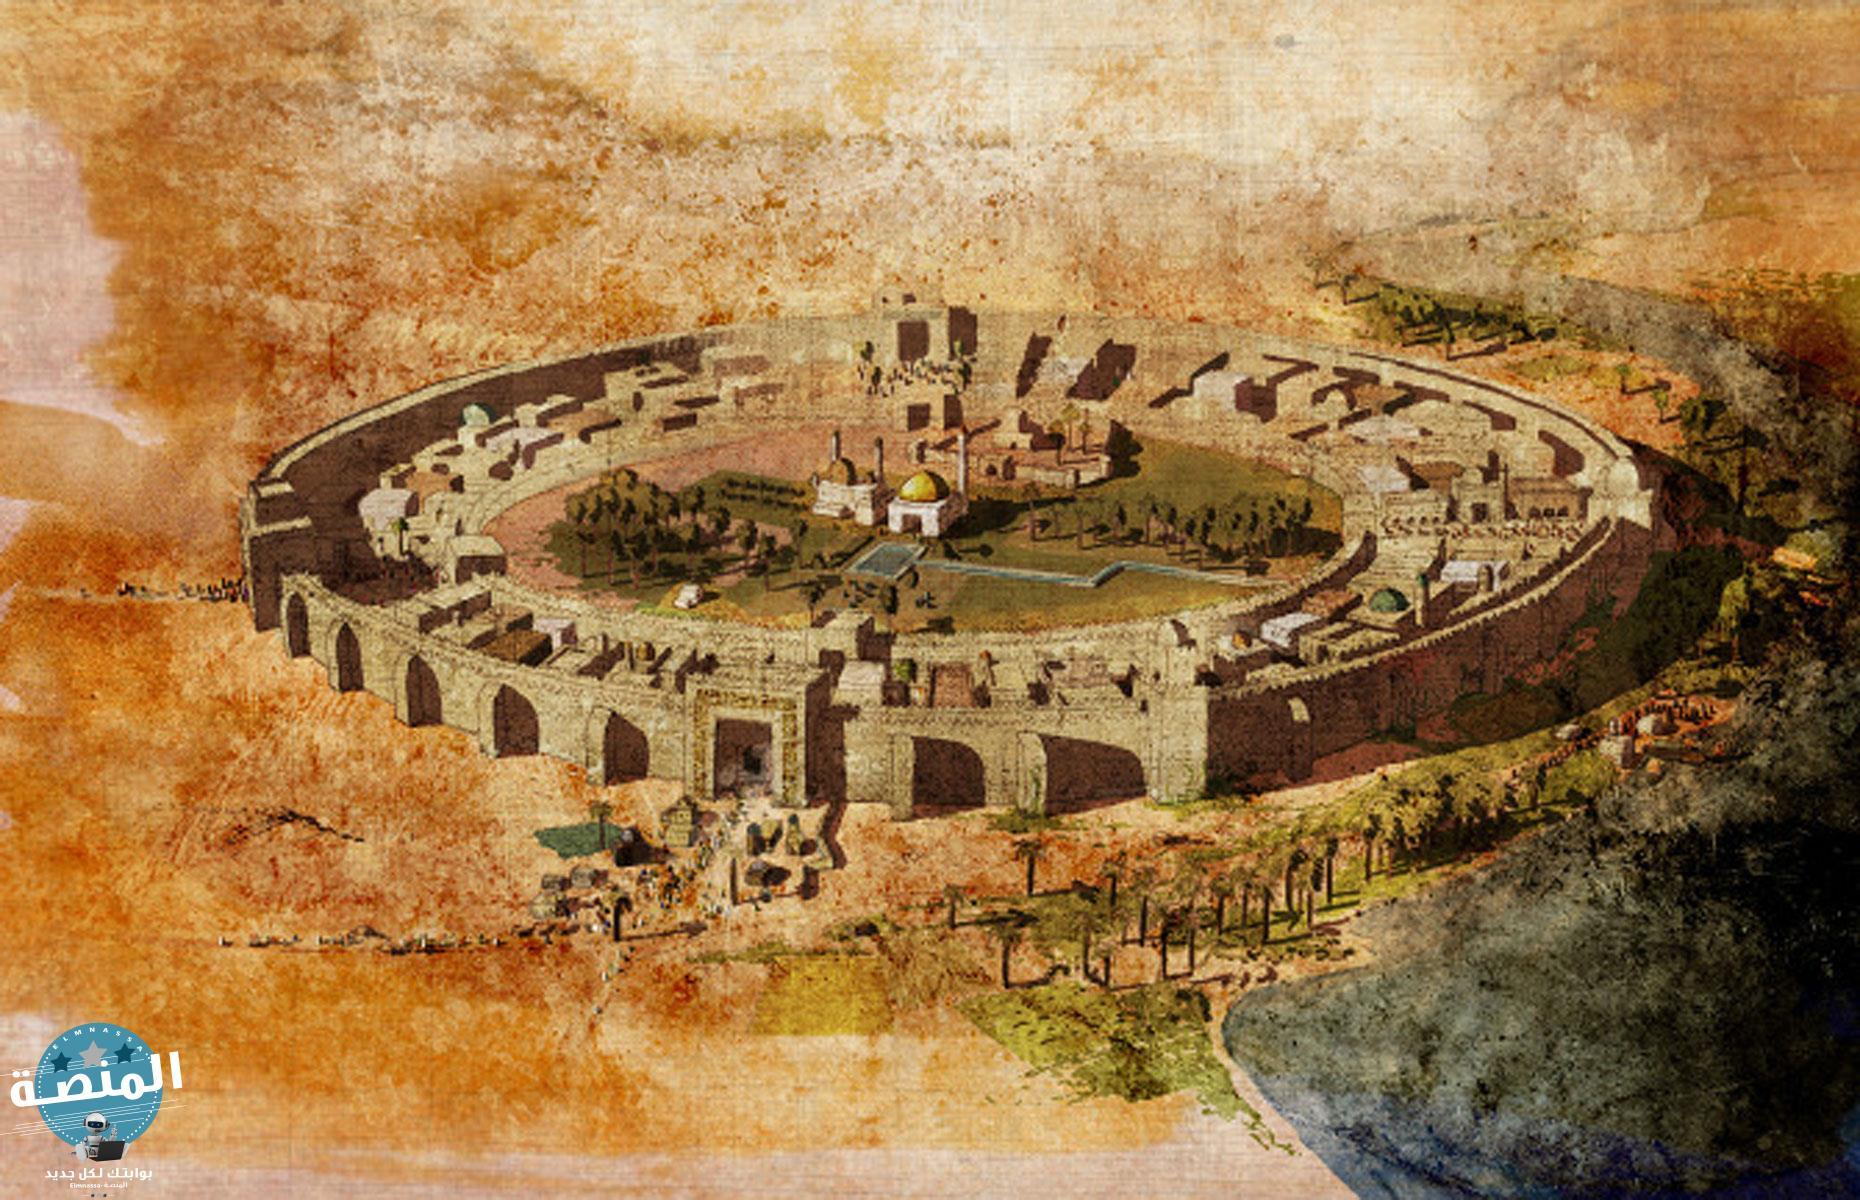 مدينة بغداد عاصمة الدولة العباسية